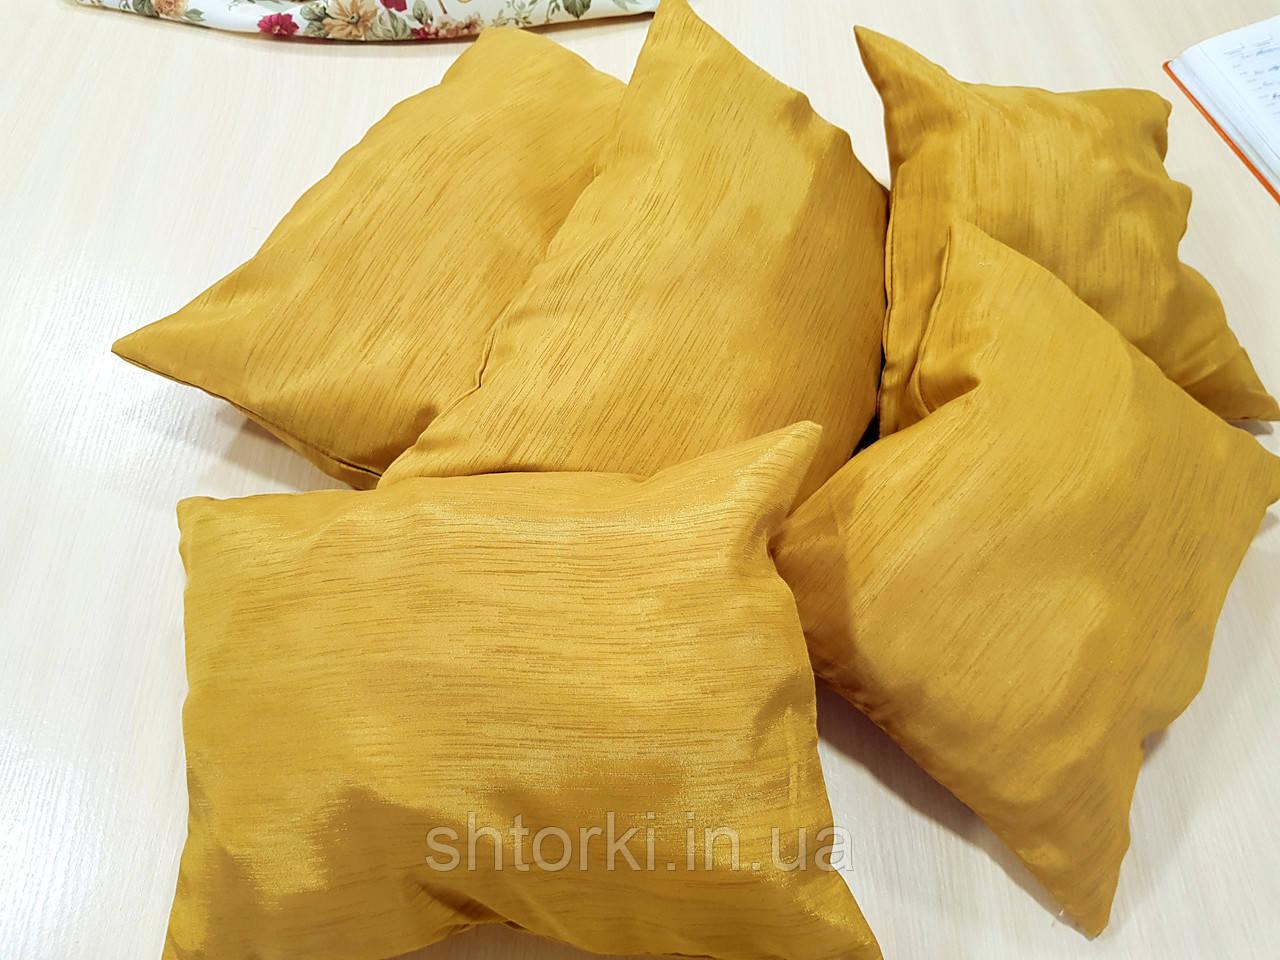 Комплект подушек  Стелла золото матовое 5шт